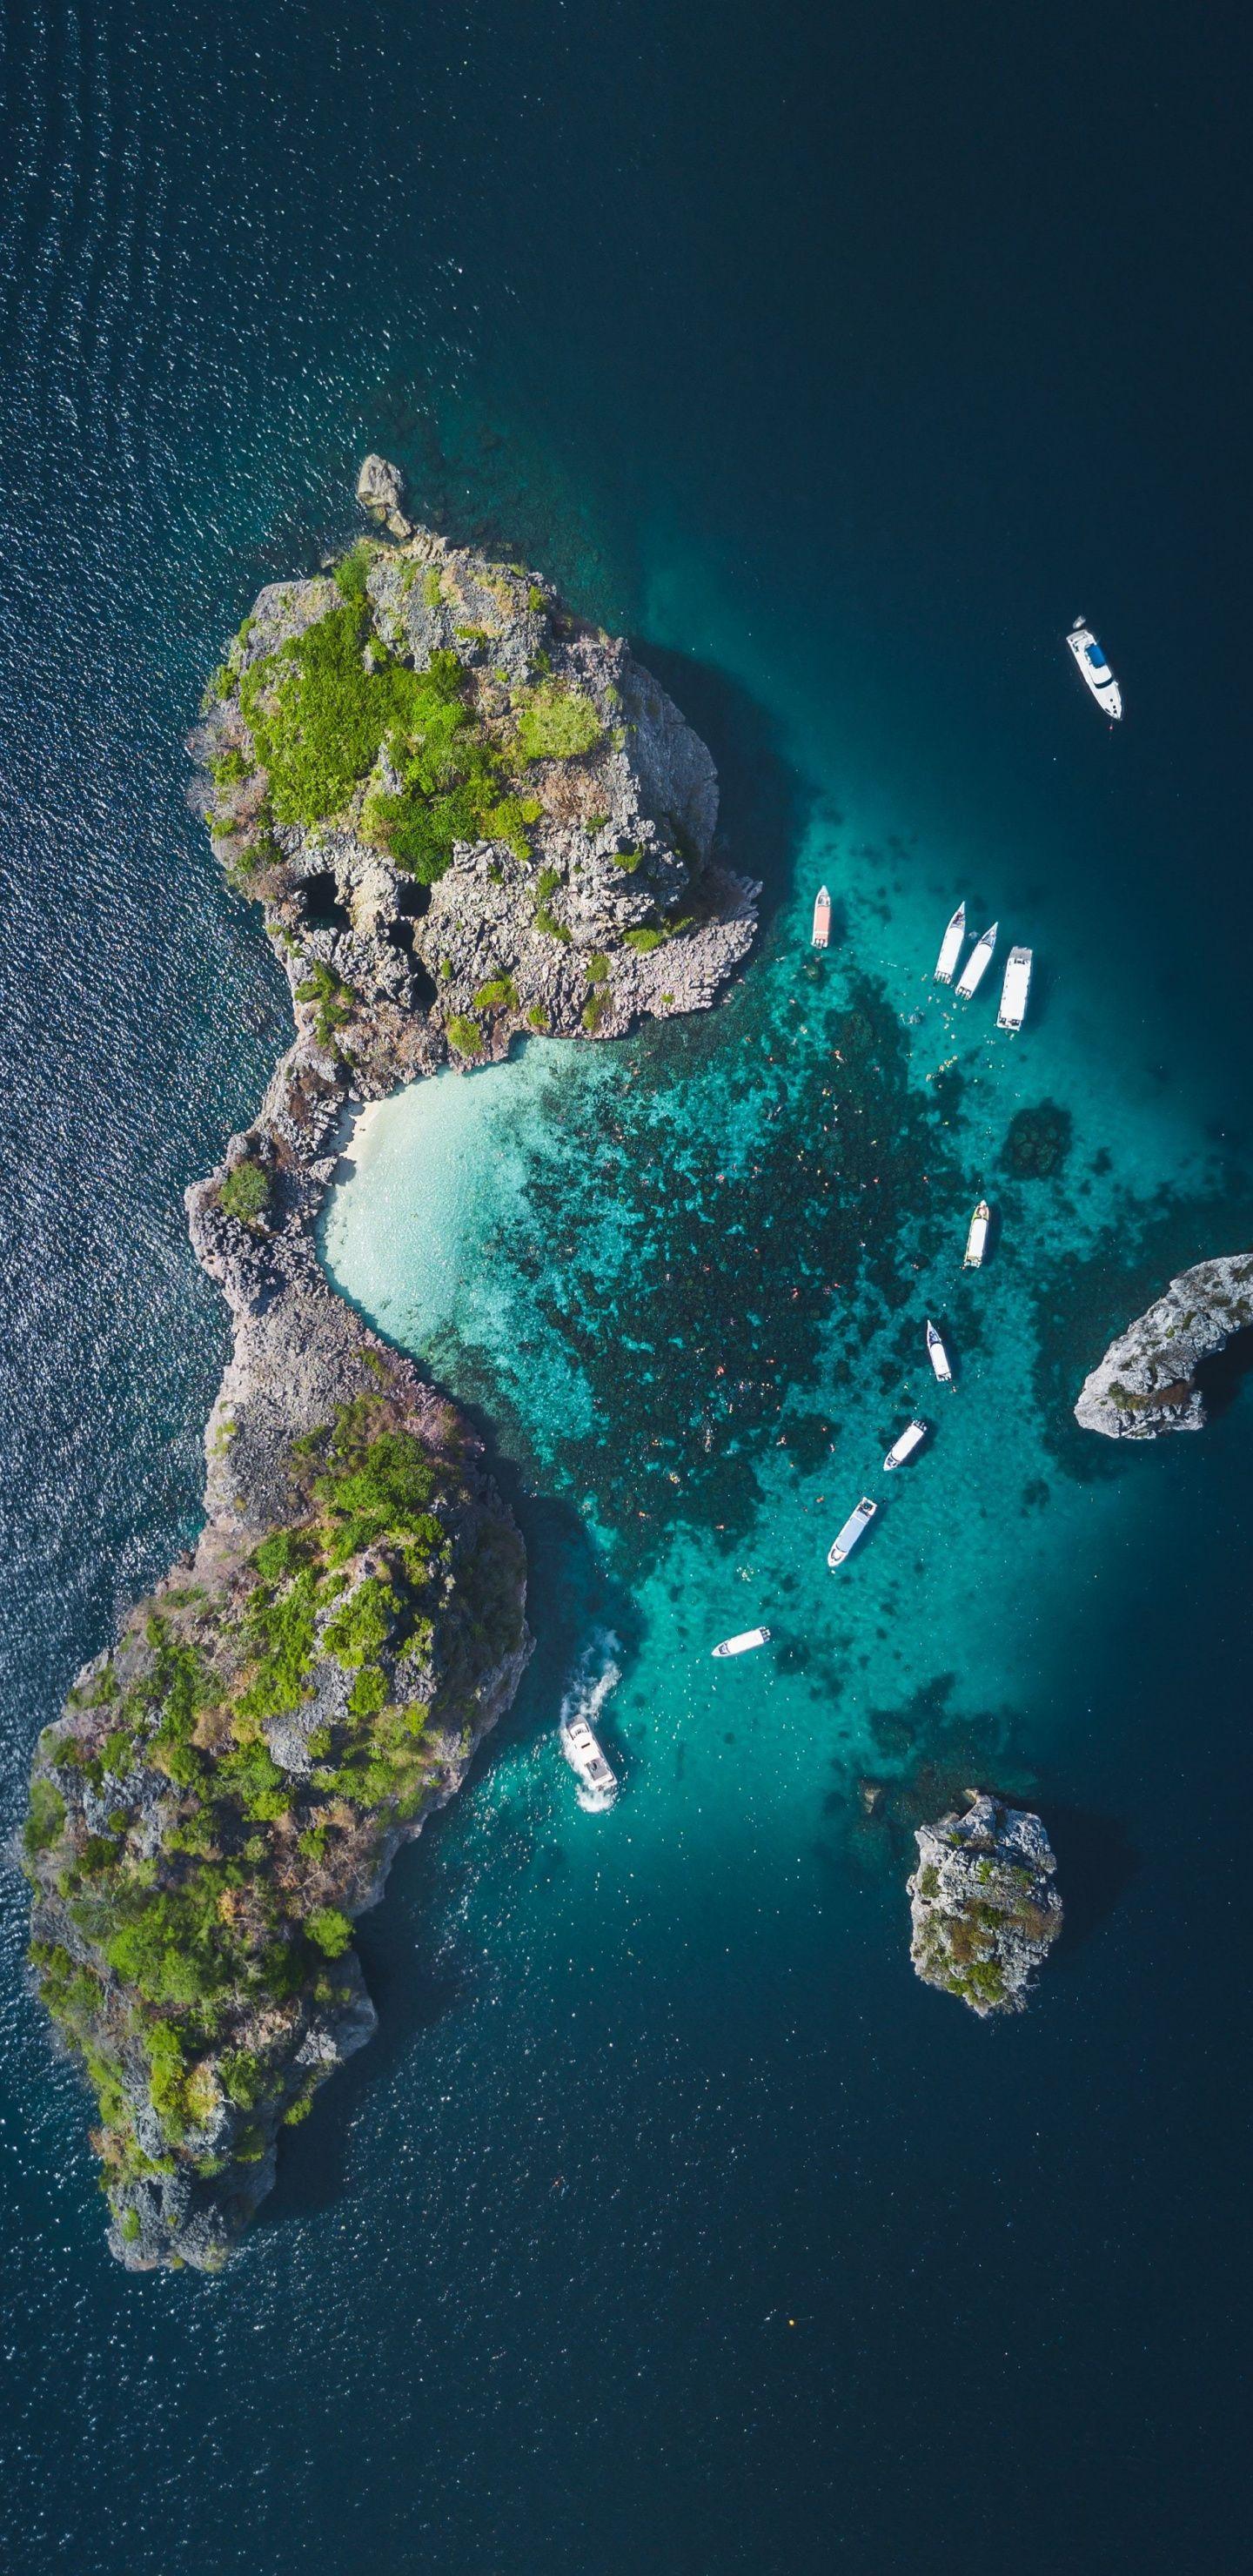 1440x2960 Island, ocean, tropical sea, aerial view